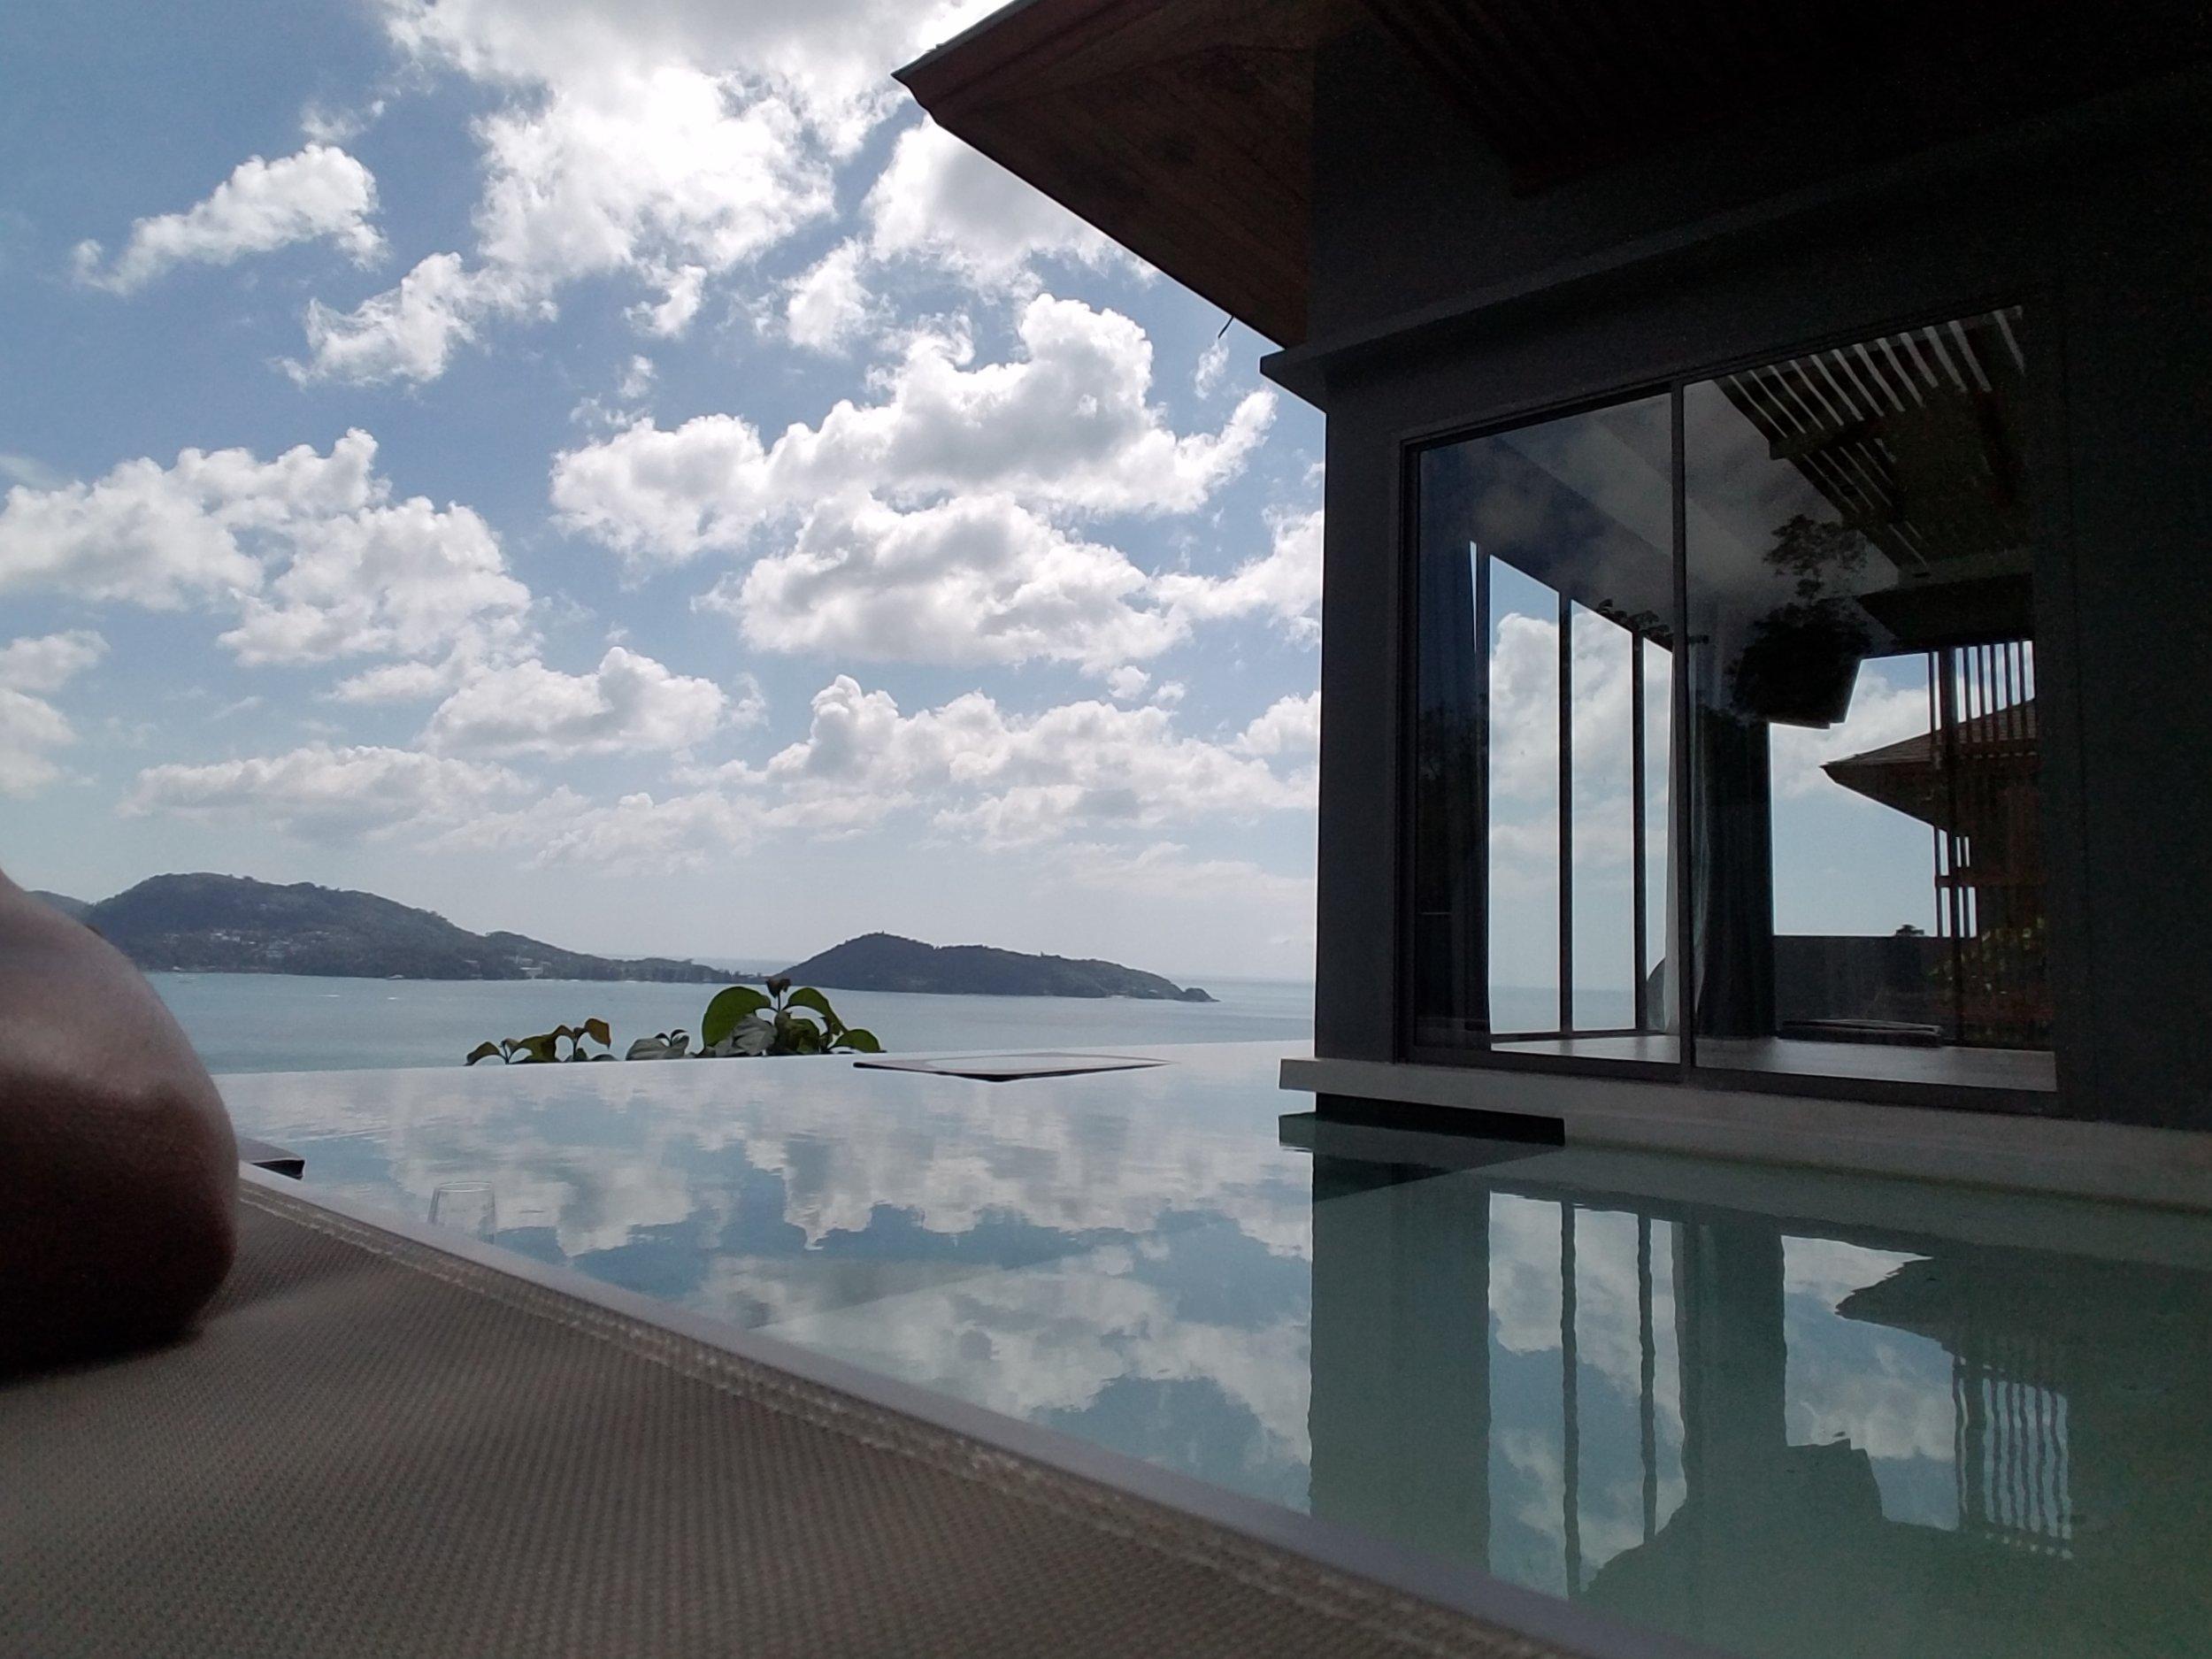 kalima pool views.jpg